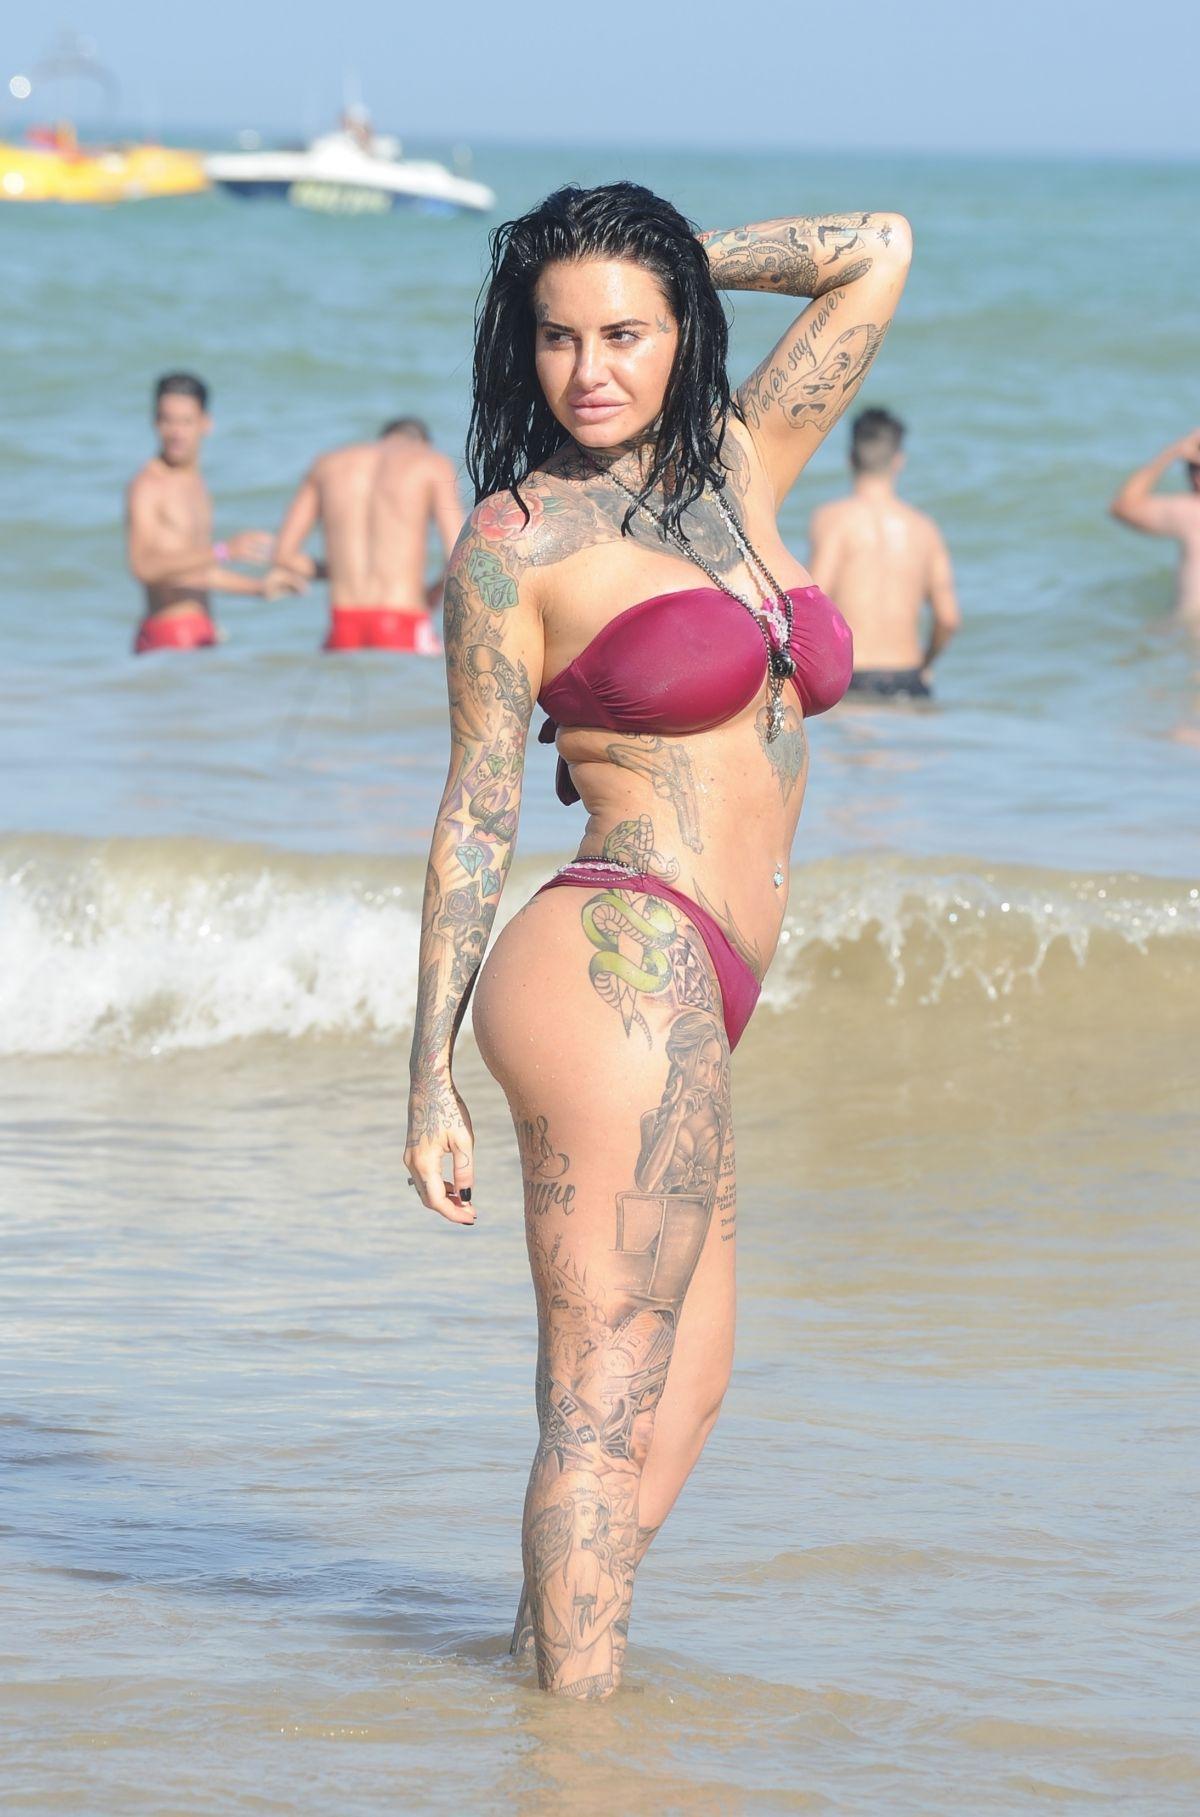 Jemma Lucy in Bikini on the beach in Gran Canaria Pic 22 of 35